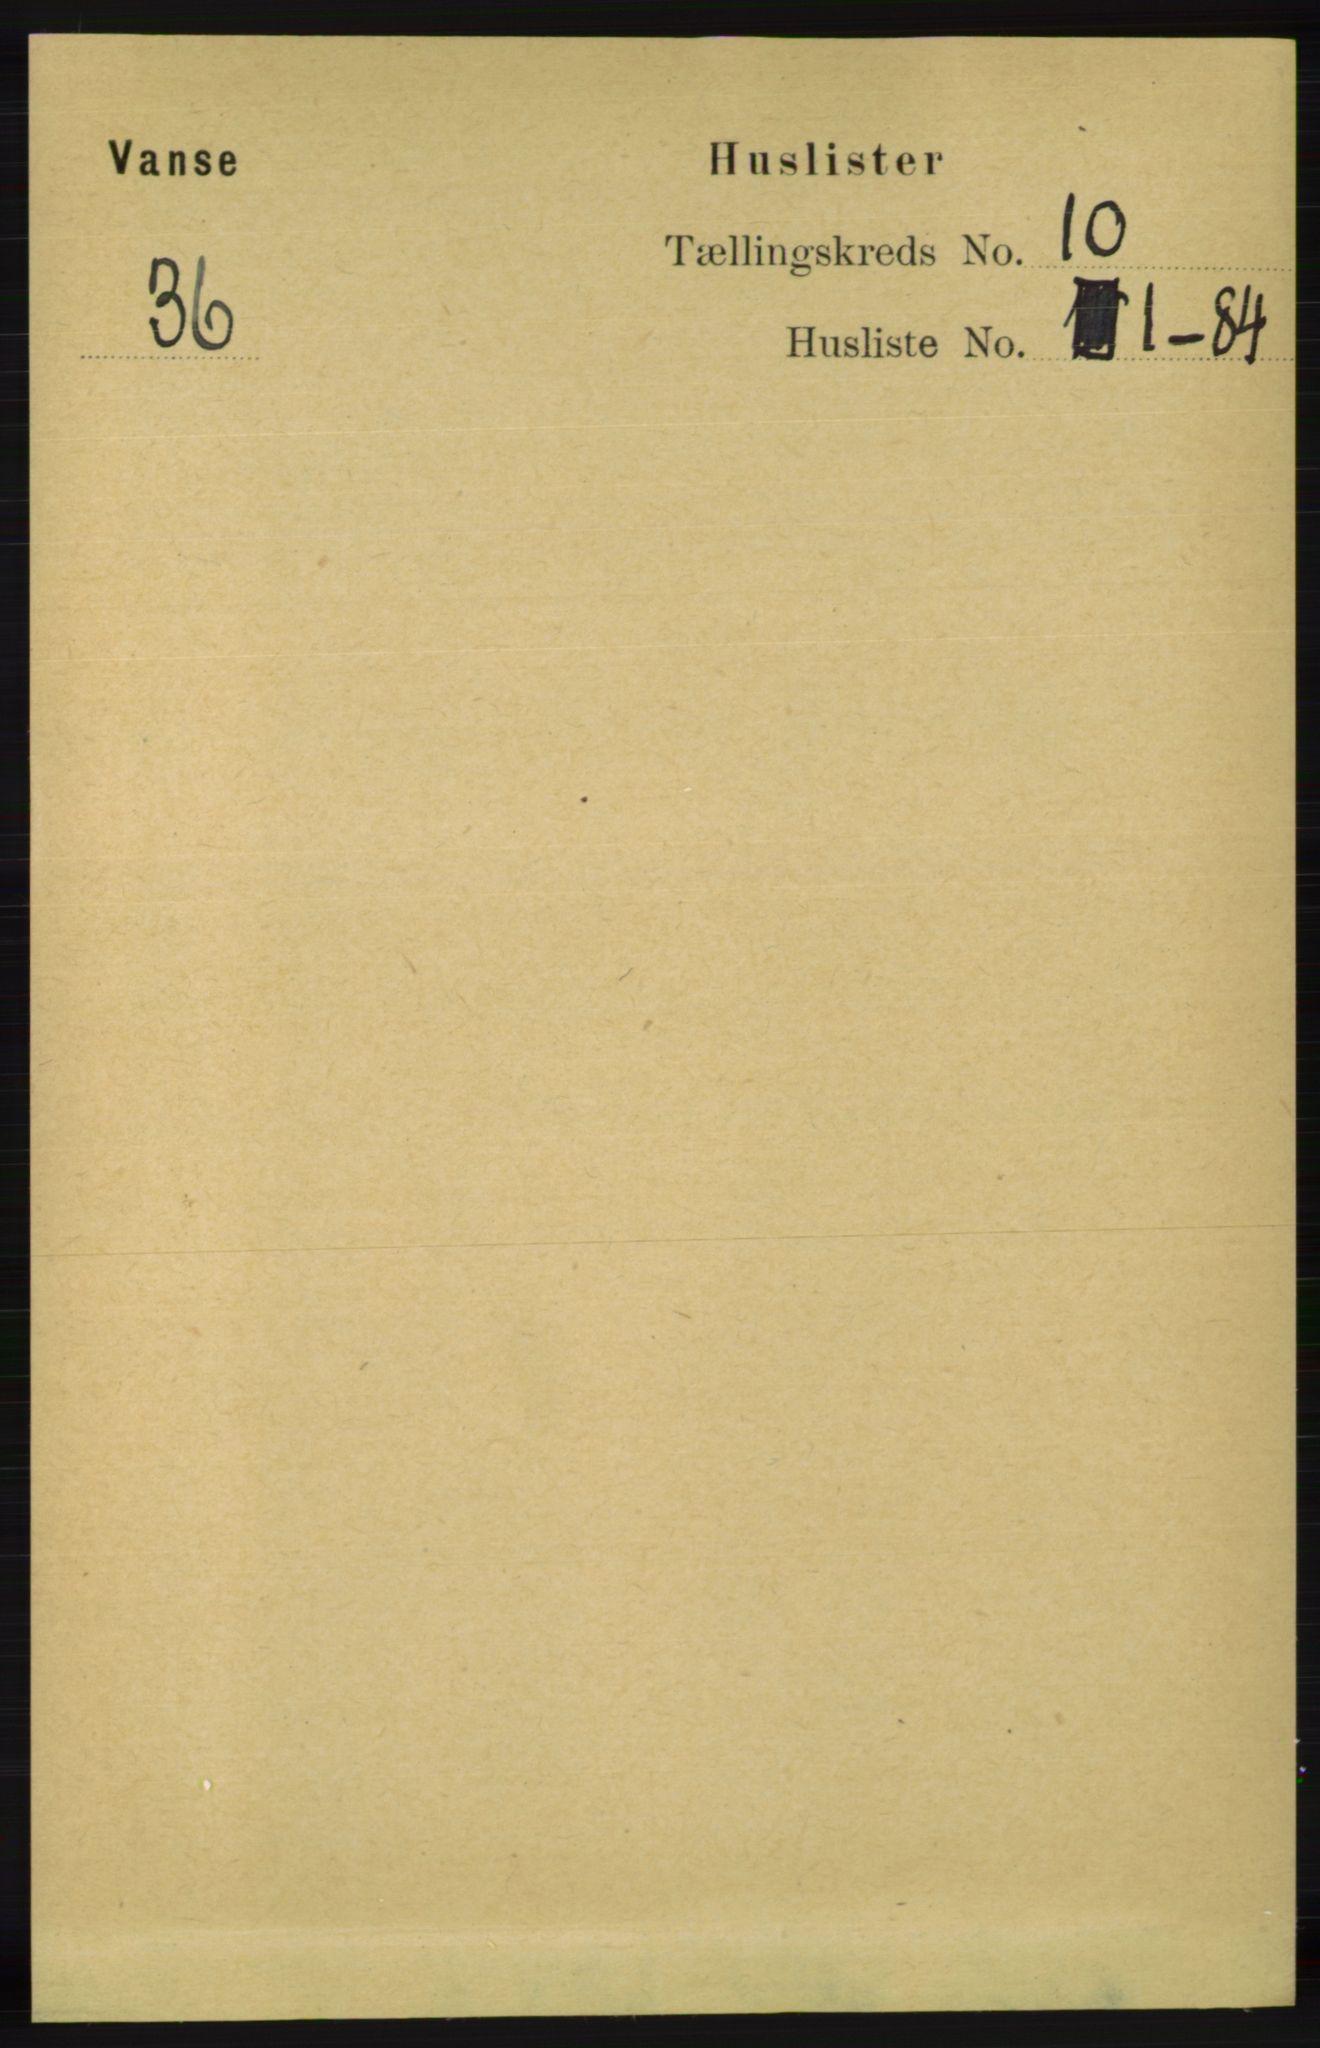 RA, Folketelling 1891 for 1041 Vanse herred, 1891, s. 5538